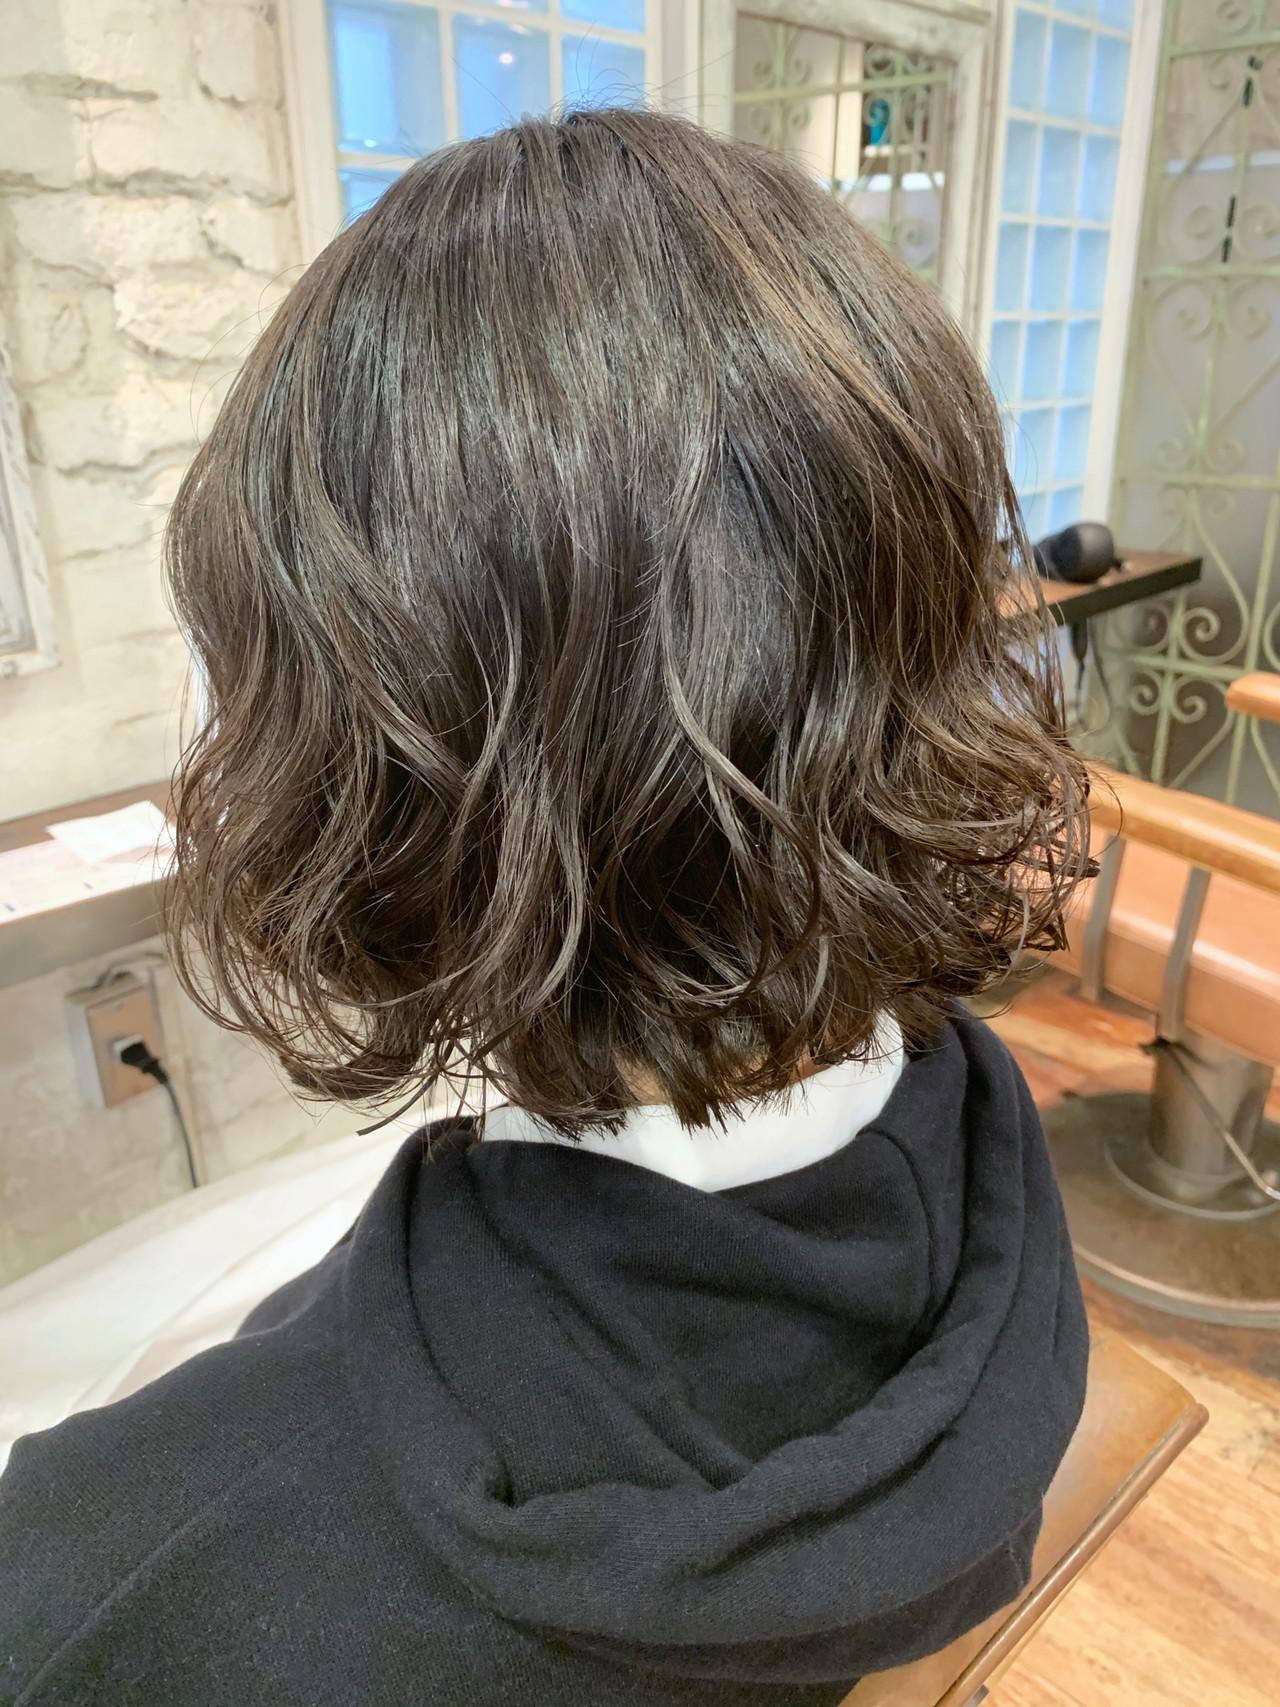 切りっぱなしボブ ナチュラル 大人かわいい ヘアスタイルや髪型の写真・画像 | パーマの達人 コテ巻き風パーマ / 本木ヨシヒサ / MINX 青山店 (ミンクス アオヤマ)